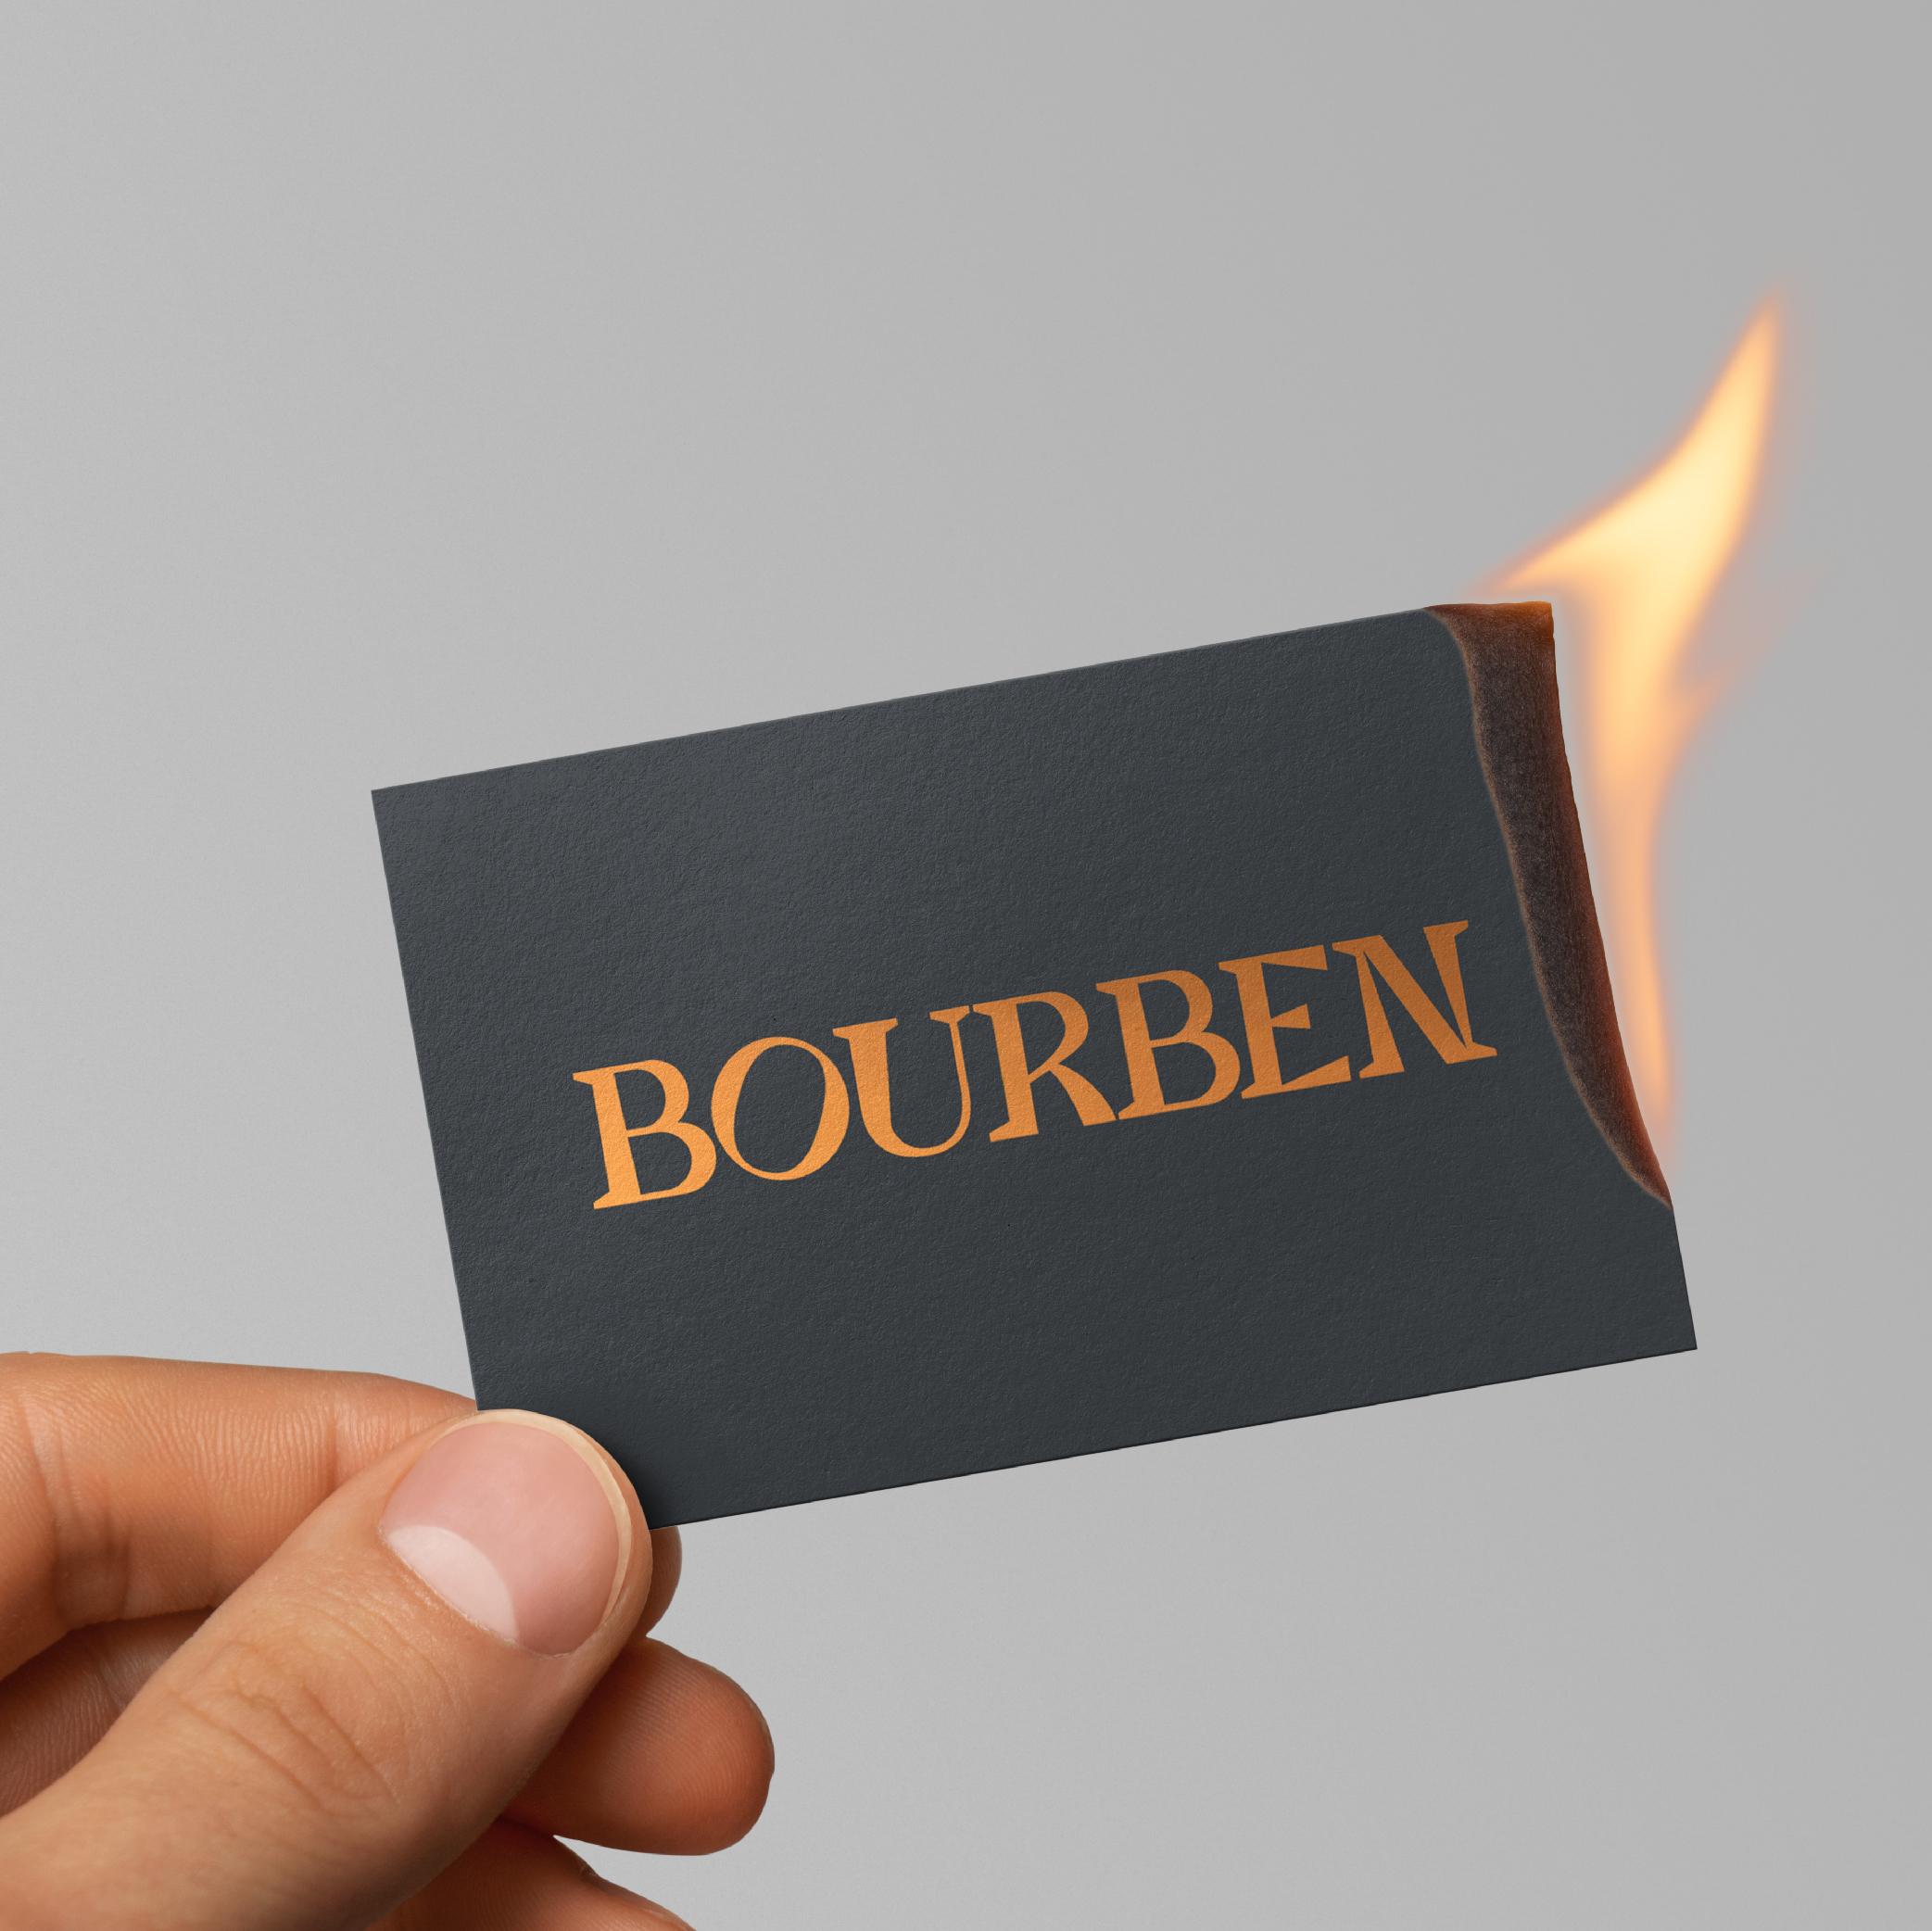 Bourben Brand Distillery —  Visual Identity - Markenbildung & Positionierung